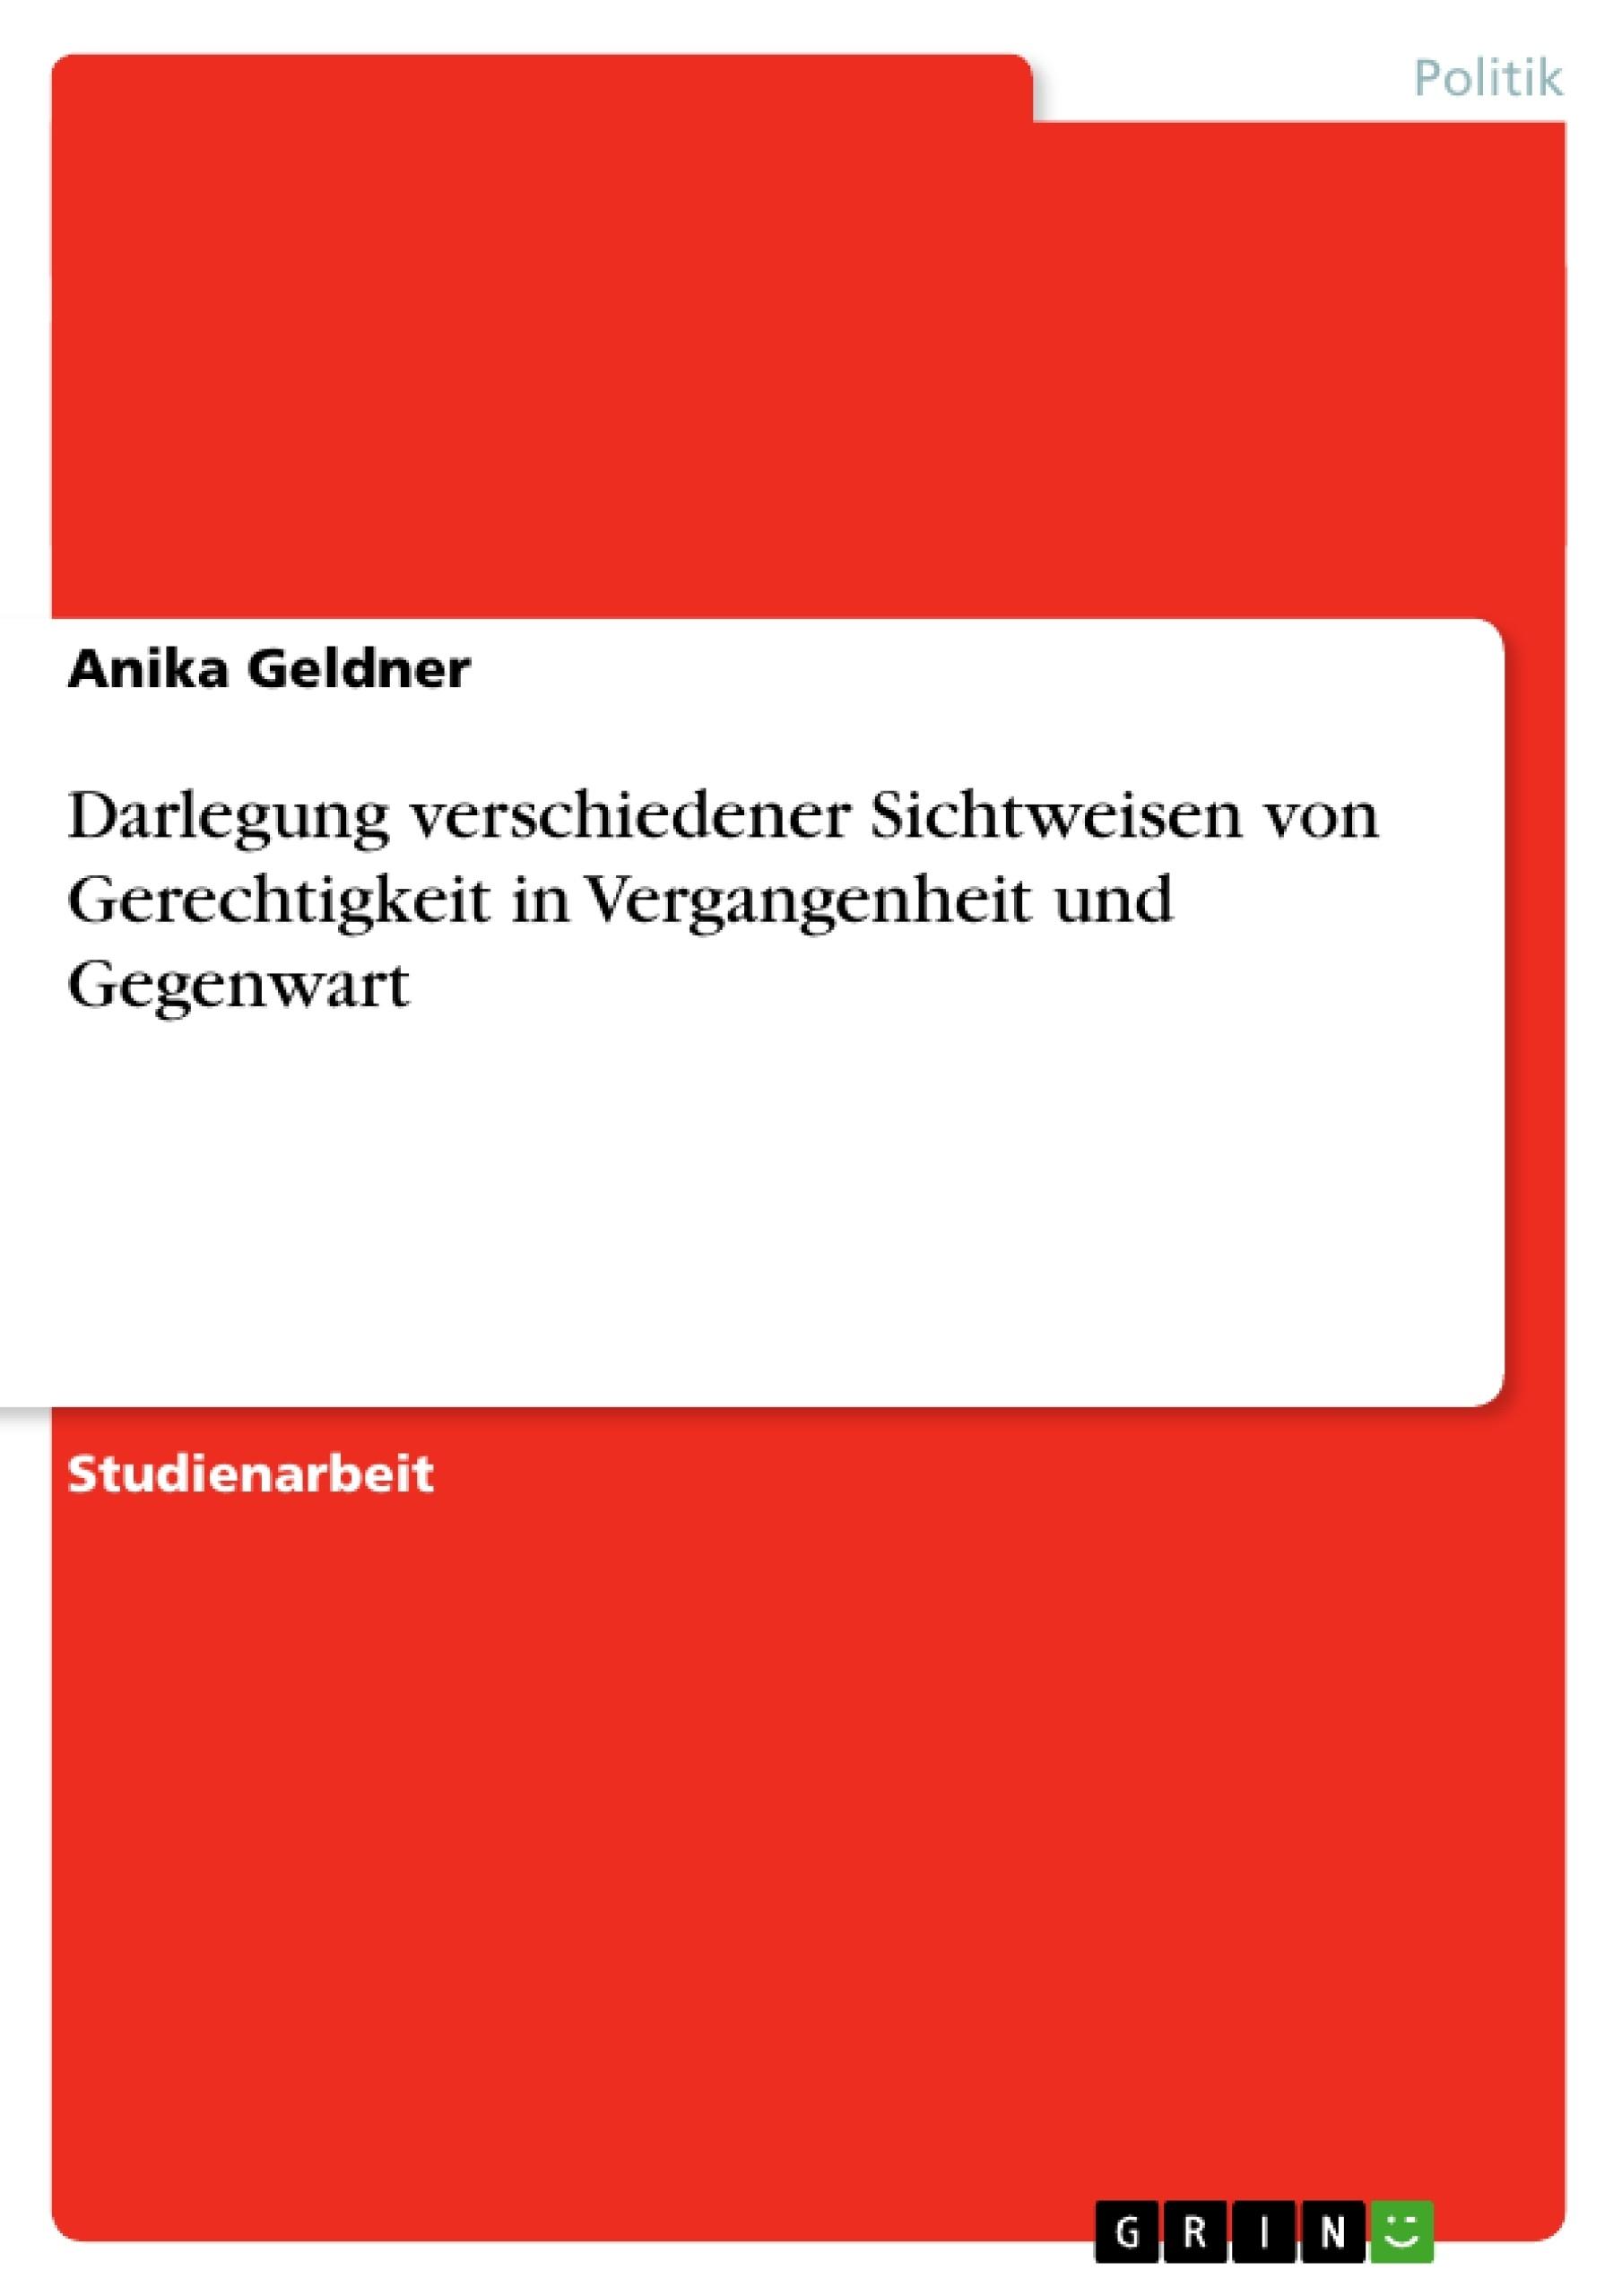 Titel: Darlegung verschiedener Sichtweisen von Gerechtigkeit  in Vergangenheit und Gegenwart